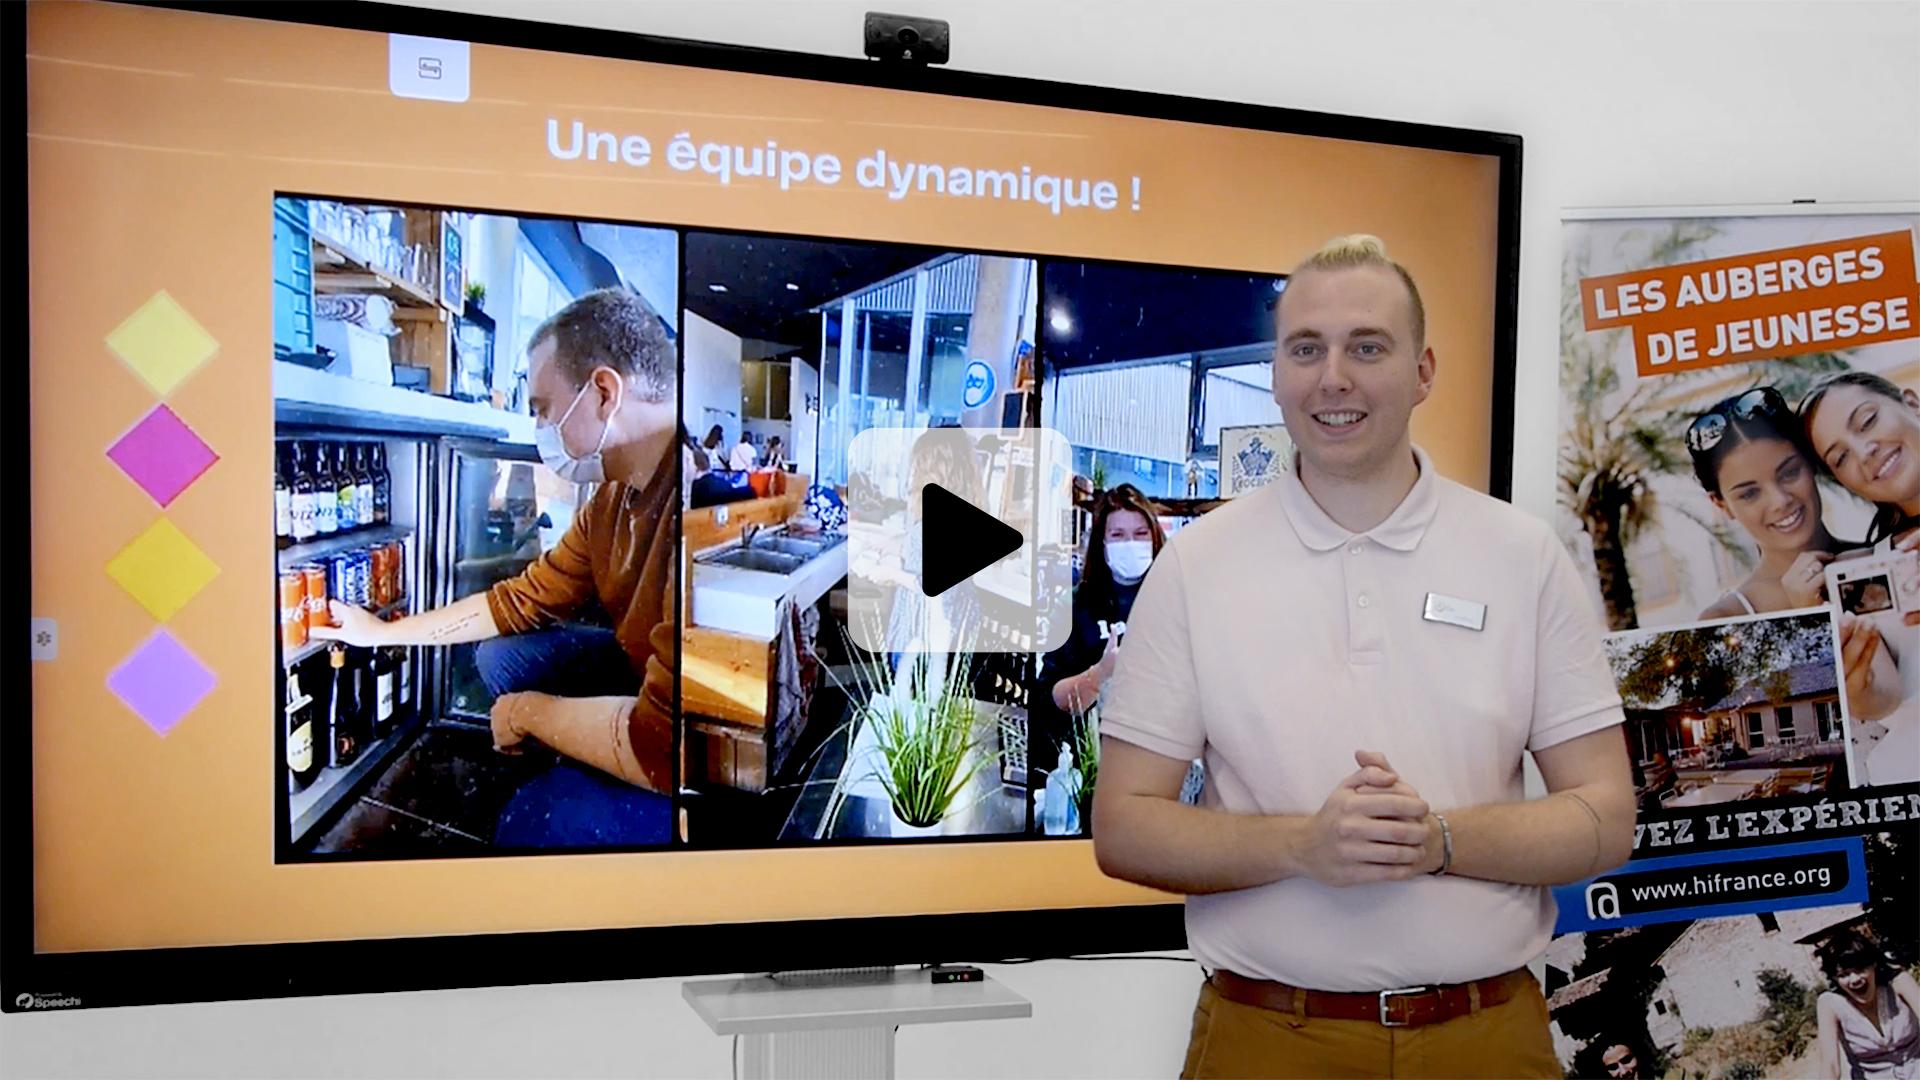 témoignage de l'auberge de jeunesse de Lille sur l'utilisation d'un écran interactif dans espace équipé pour séminaire et formation